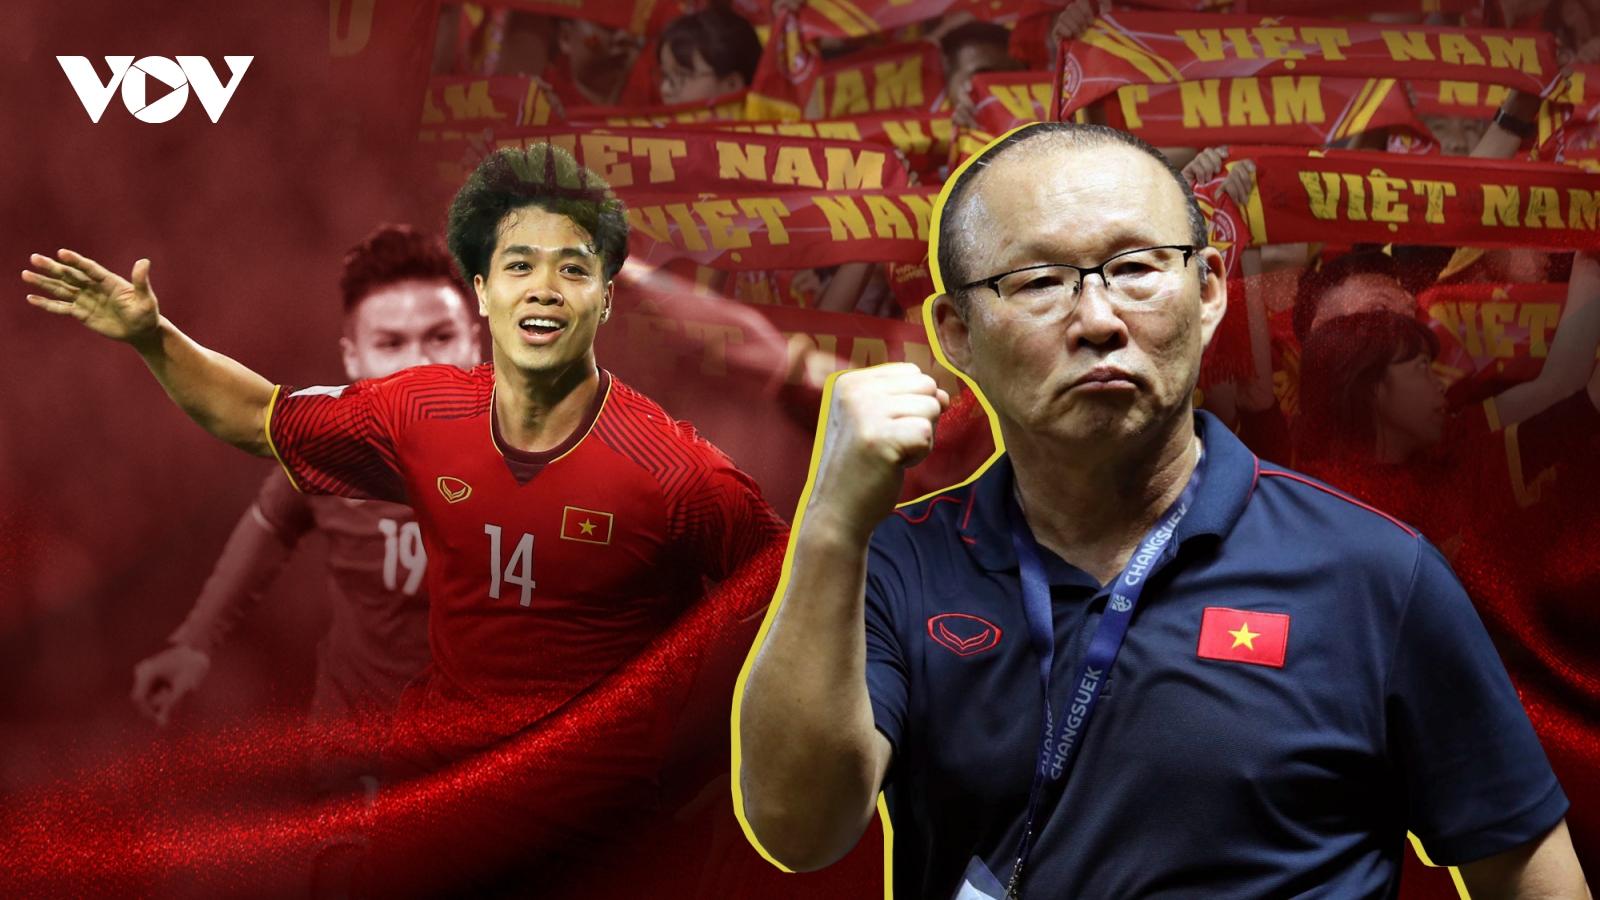 Vòng loại World Cup 2022 khu vực châu Á: Cờ đến tay HLV Park Hang Seo